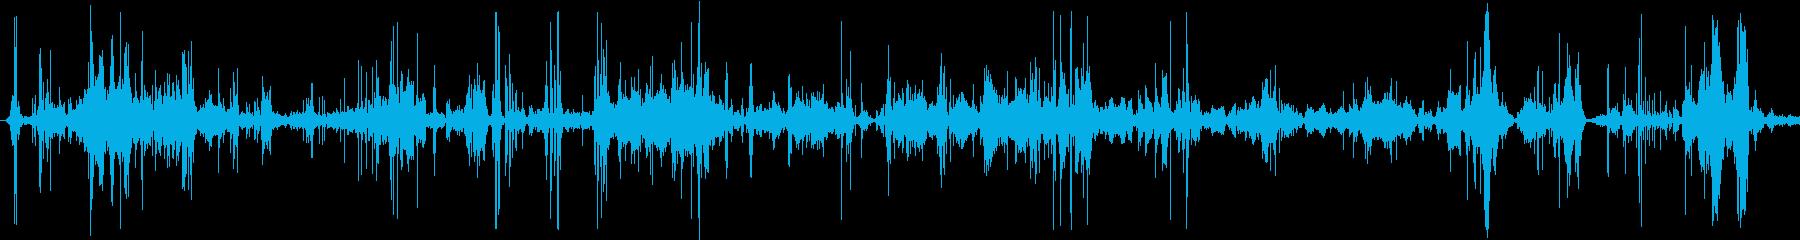 ジェットフロアでの蛇の動きの再生済みの波形